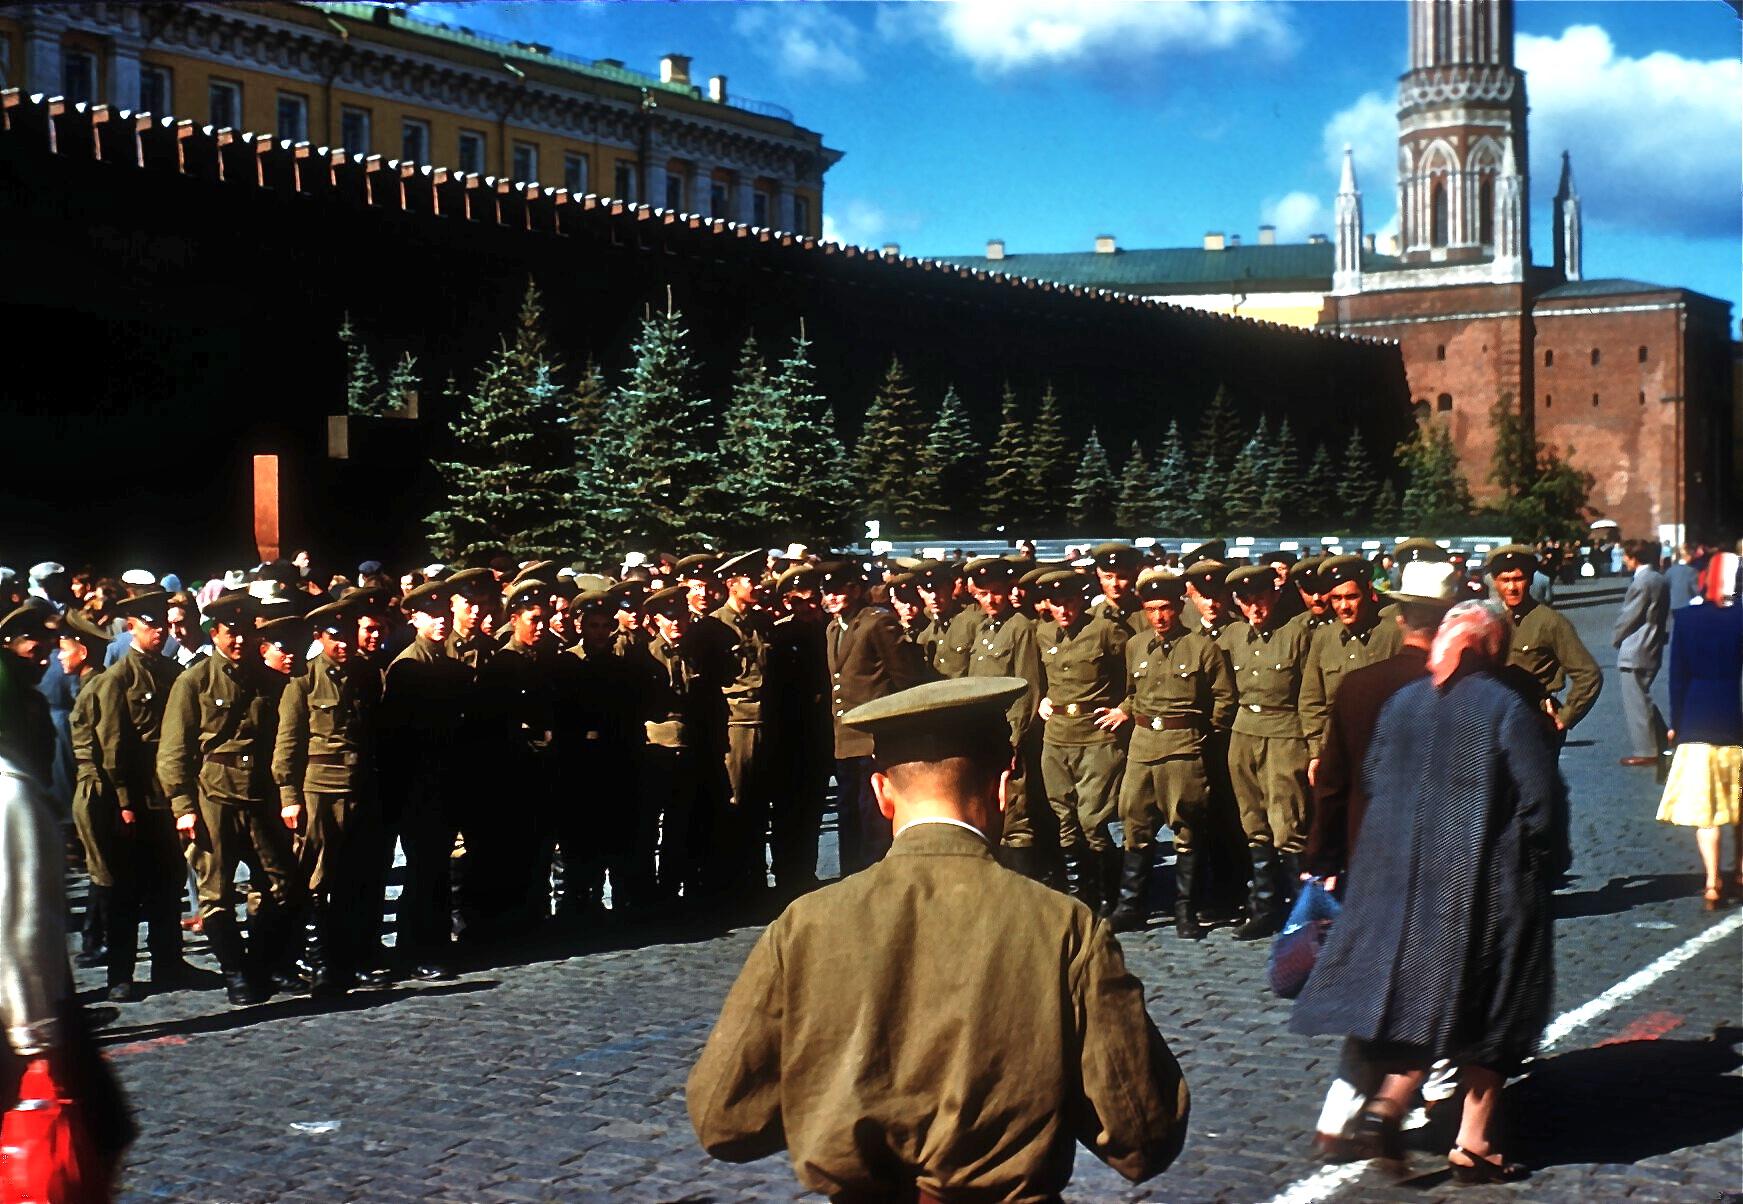 Asociando imágenes: ésta me impresionó durante un viaje de adolescente, en la Plaza Roja de Moscú, Julio 1959